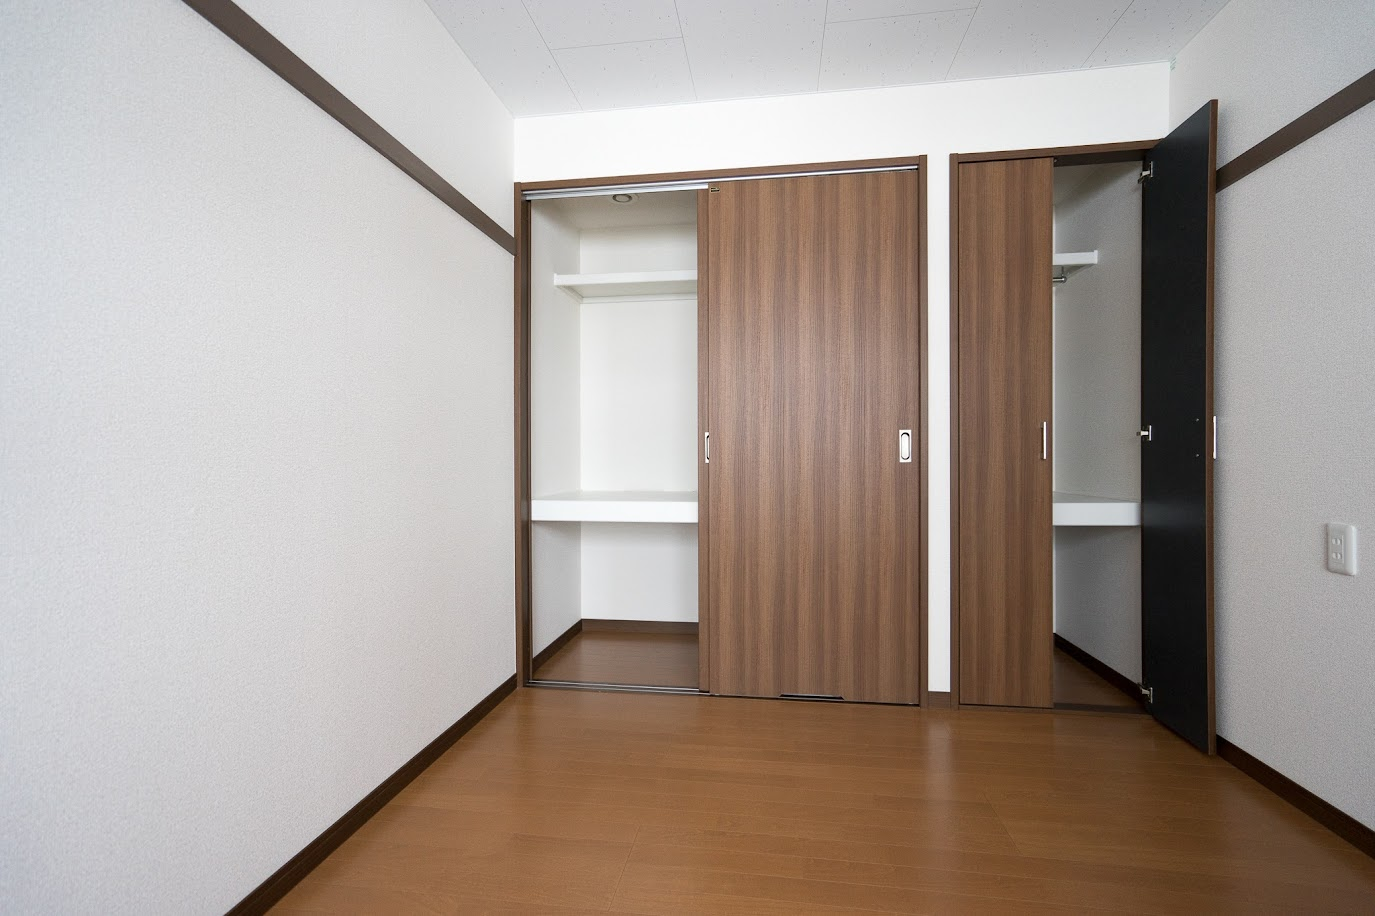 3LDK・ベットルーム・クローゼット